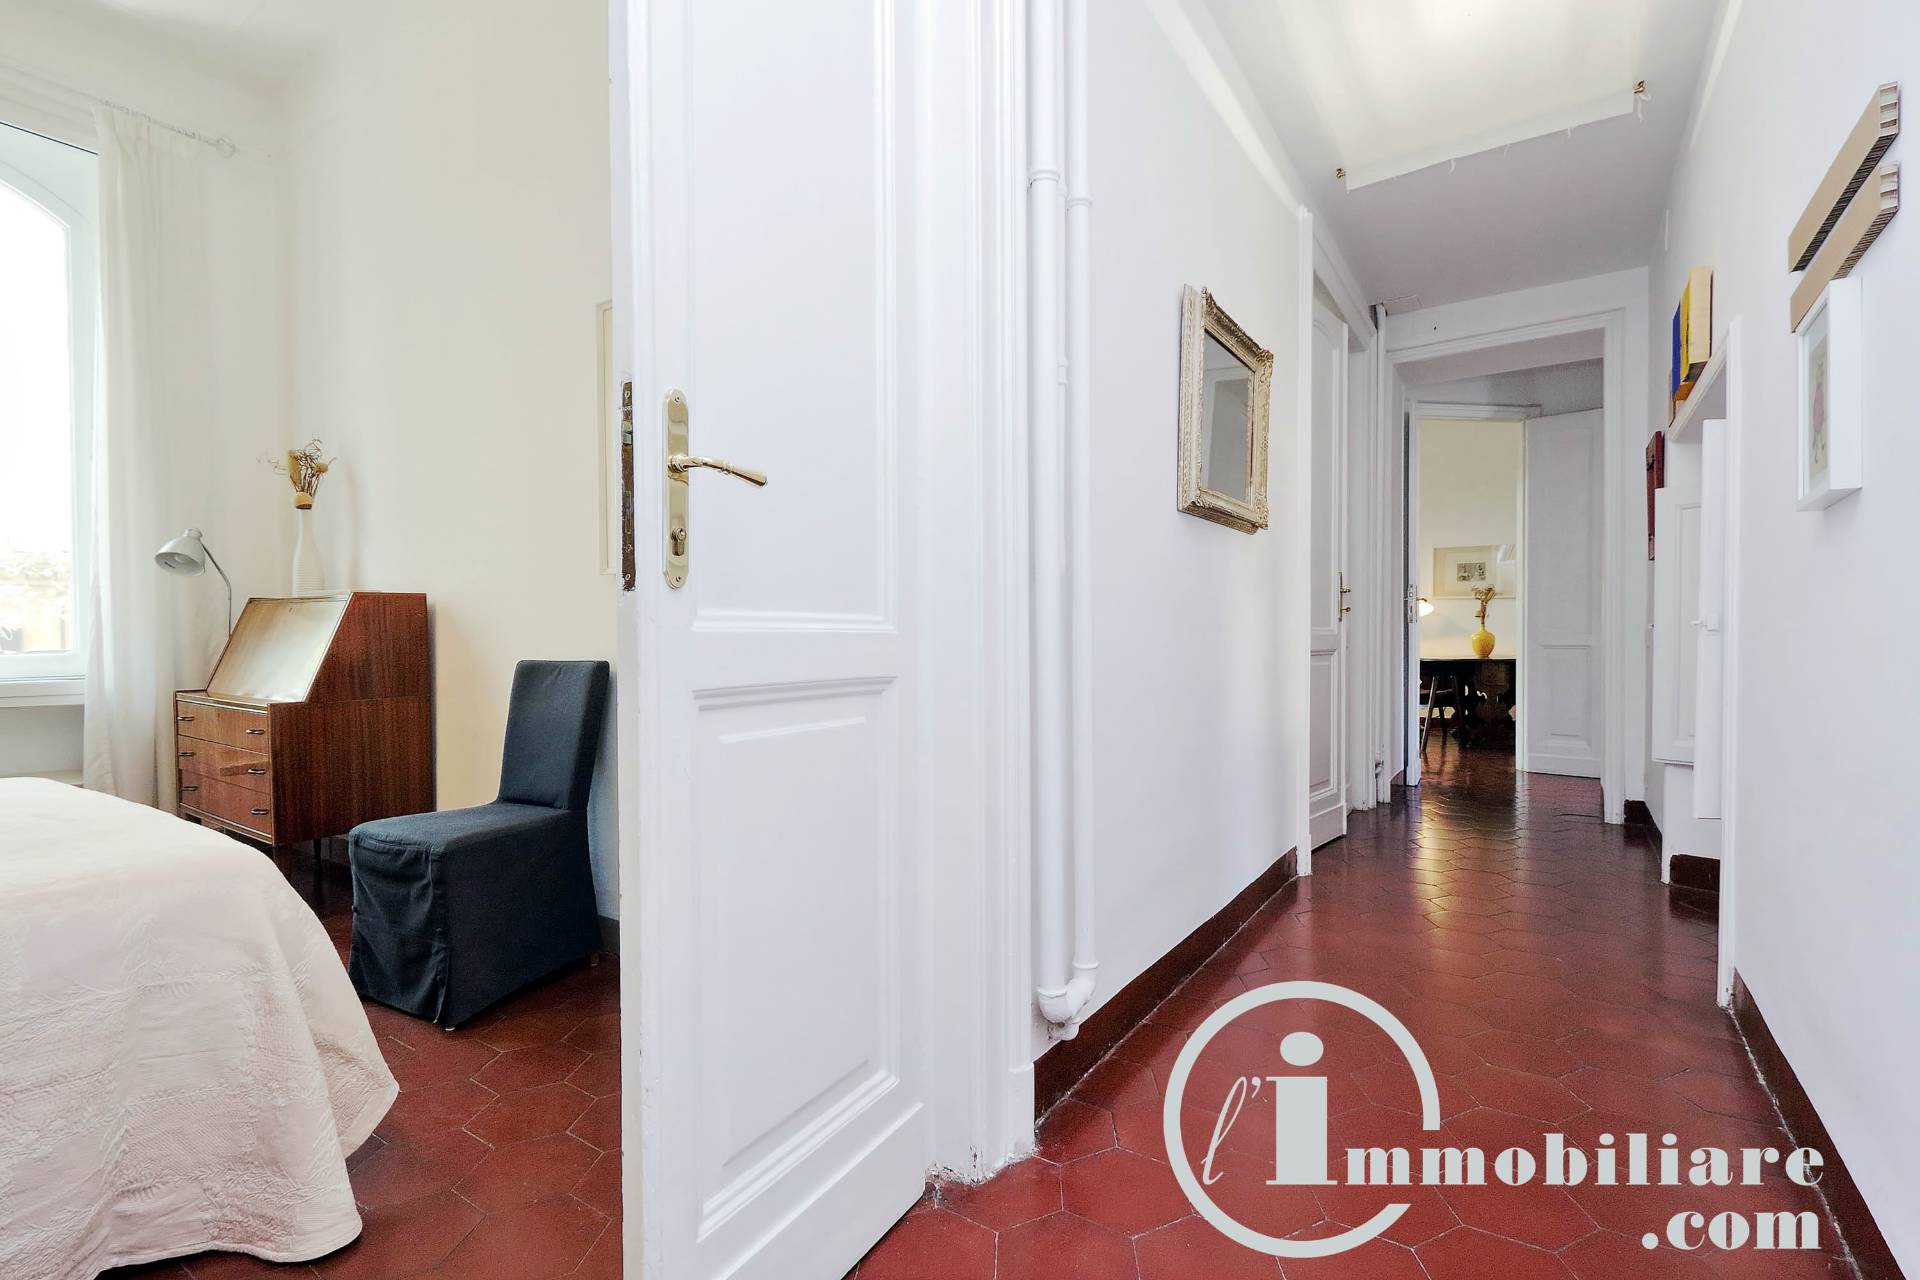 Appartamento in vendita a Roma, 3 locali, zona Zona: 25 . Trastevere - Testaccio, prezzo € 590.000 | CambioCasa.it